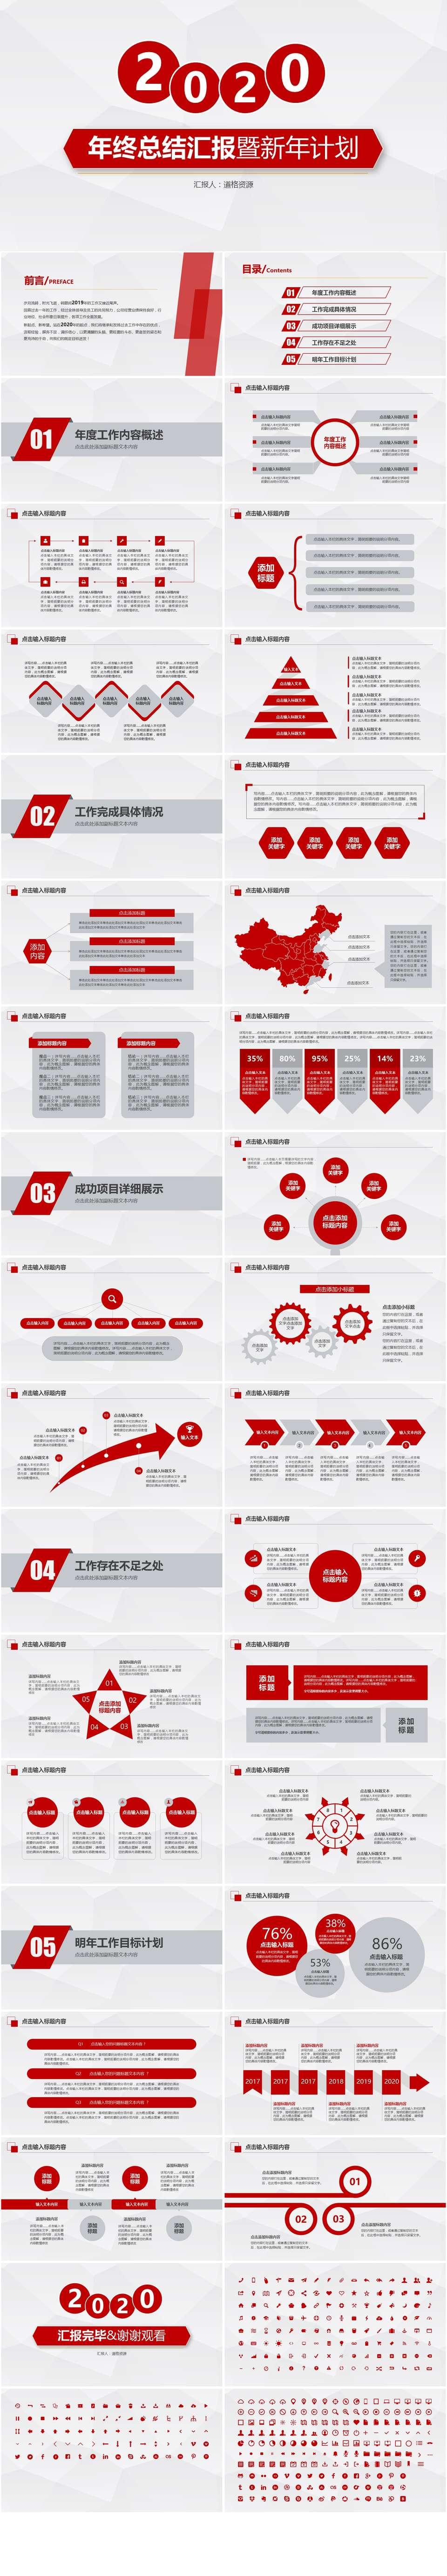 高端红色年终总结汇报暨新年计划通用PPT模板插图1